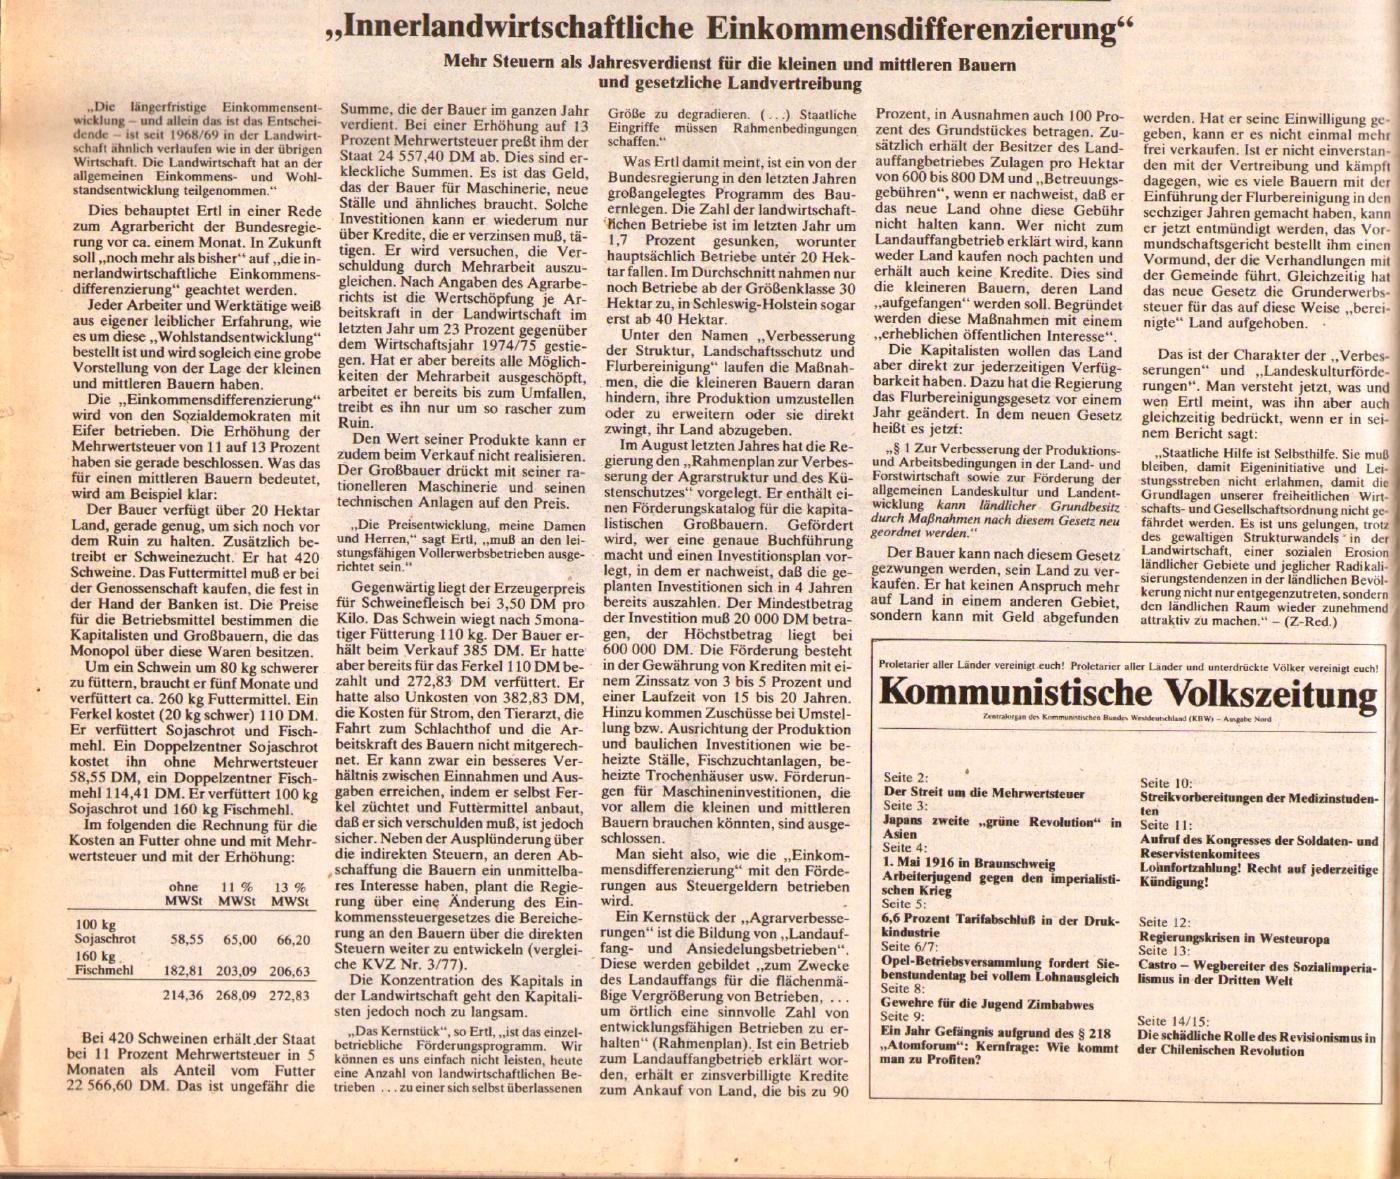 KVZ_Nord_1977_14_32